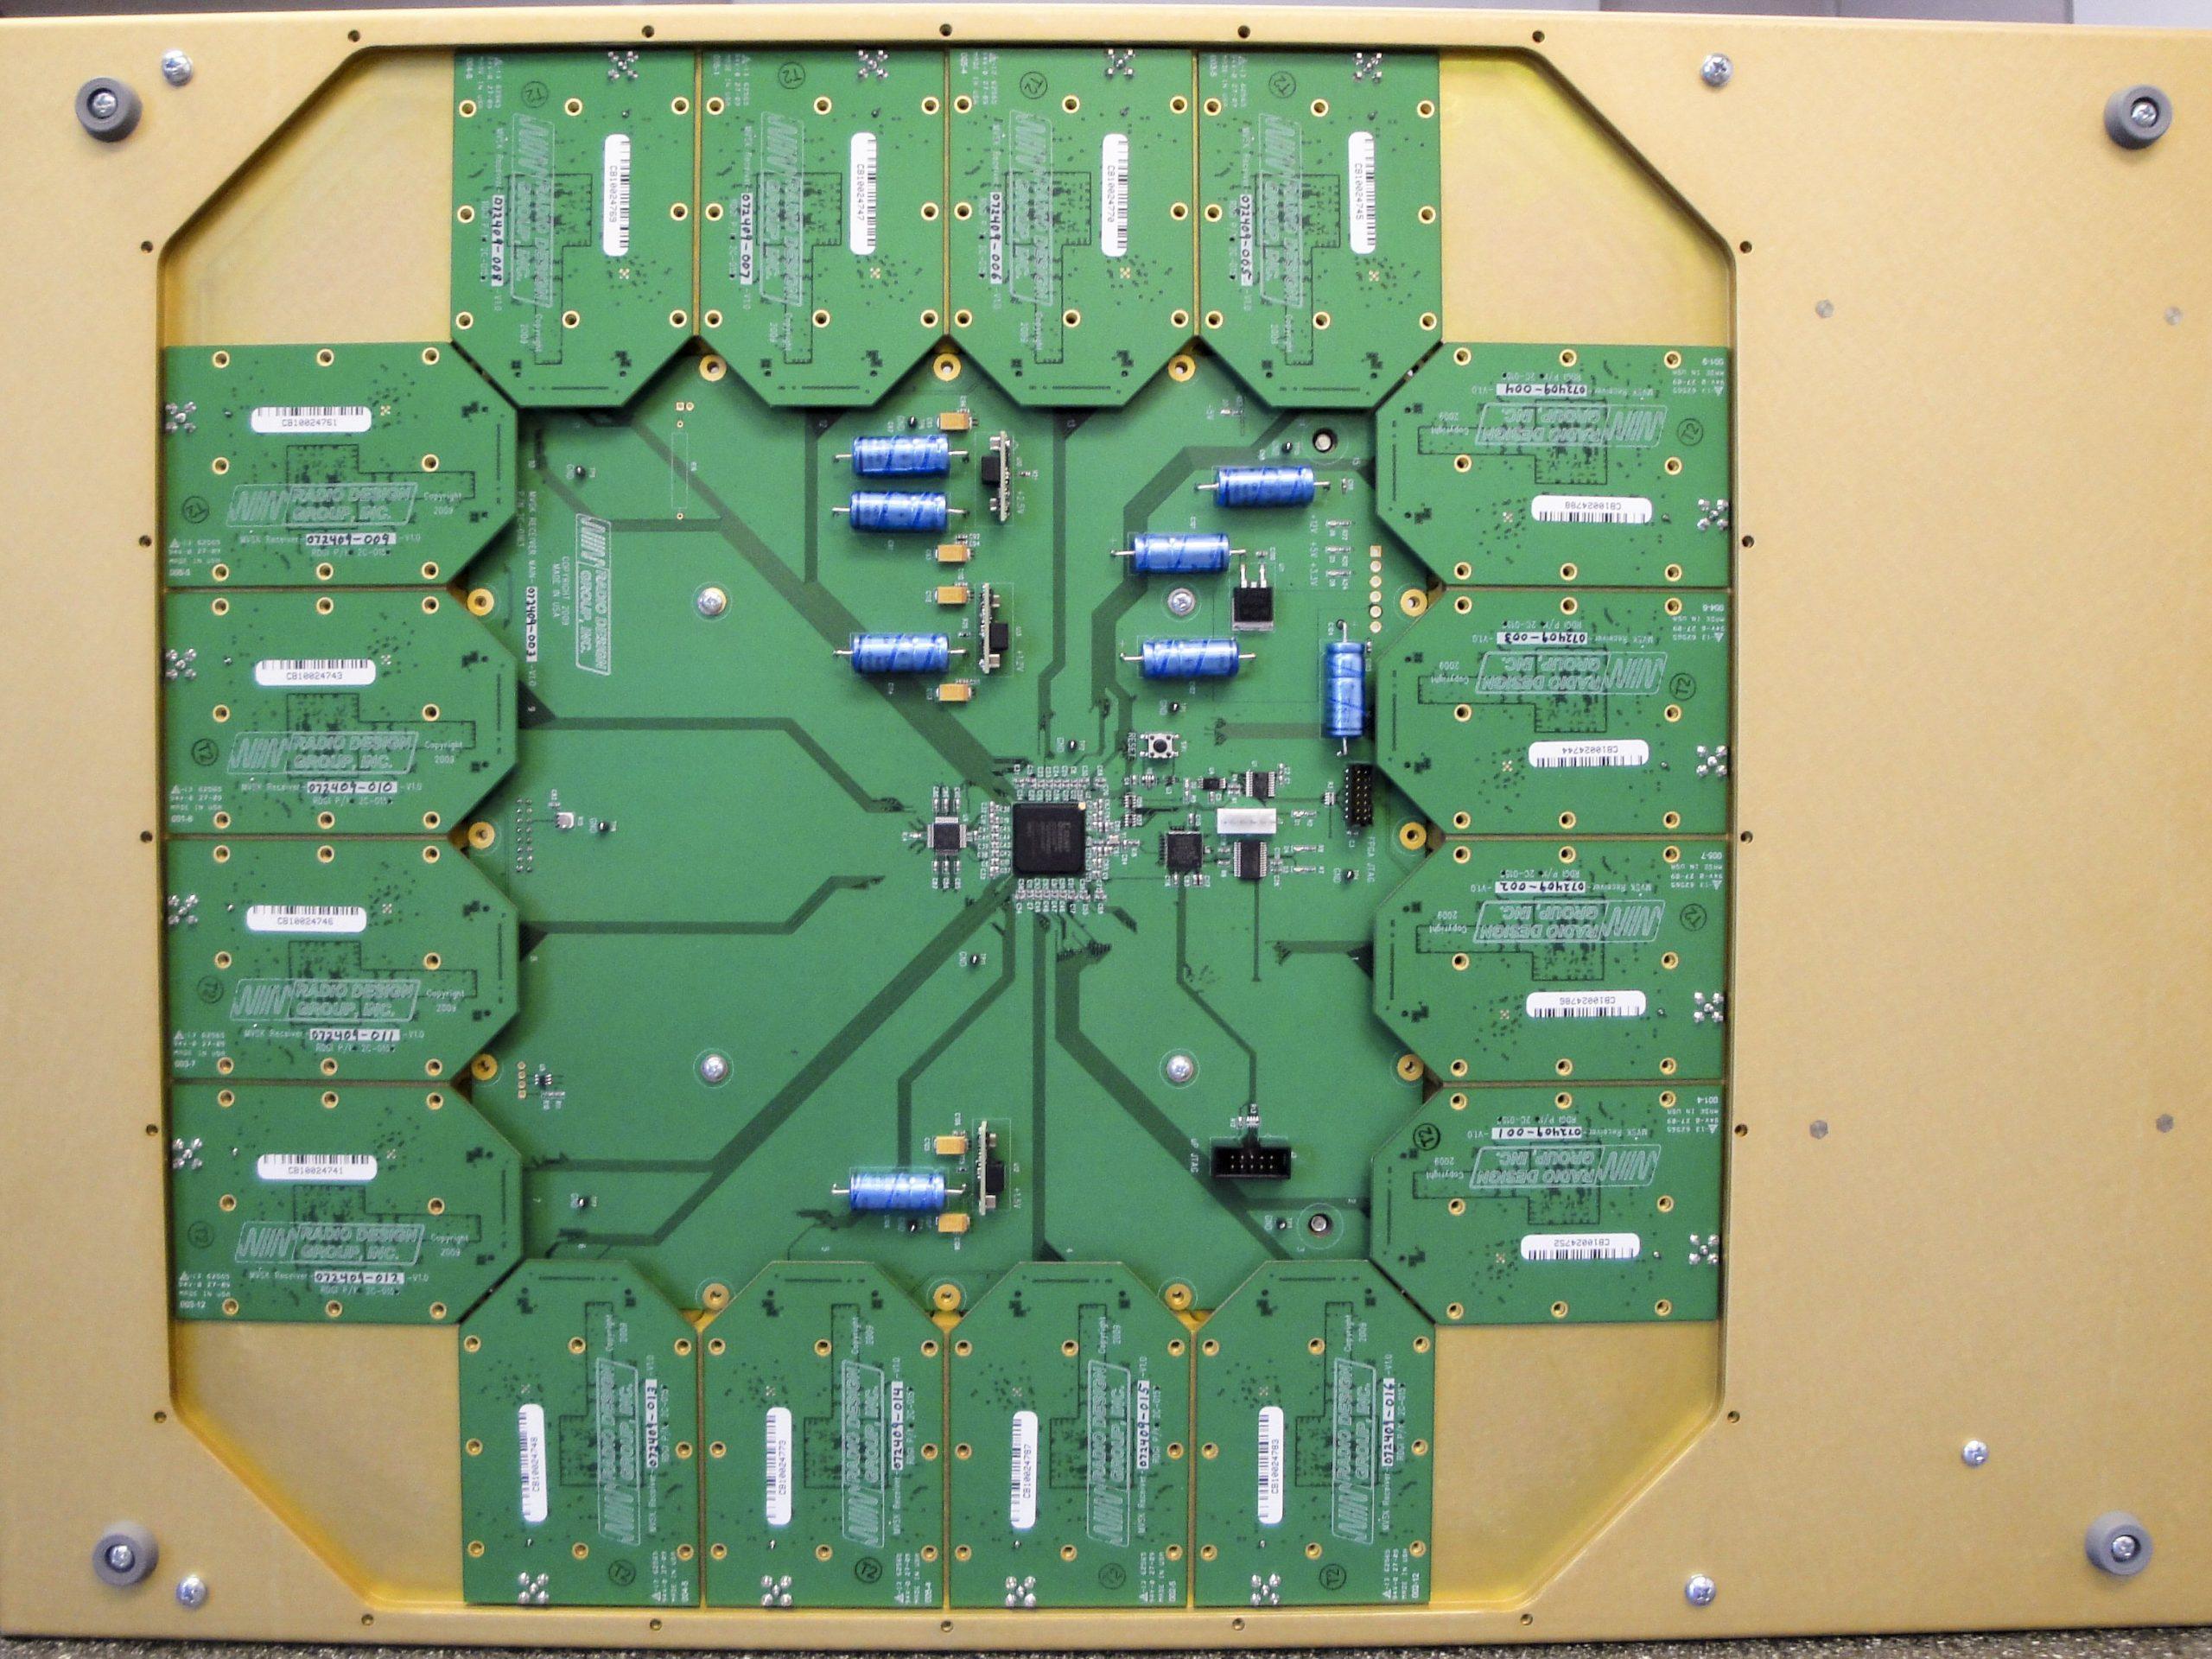 MVSK prototype system